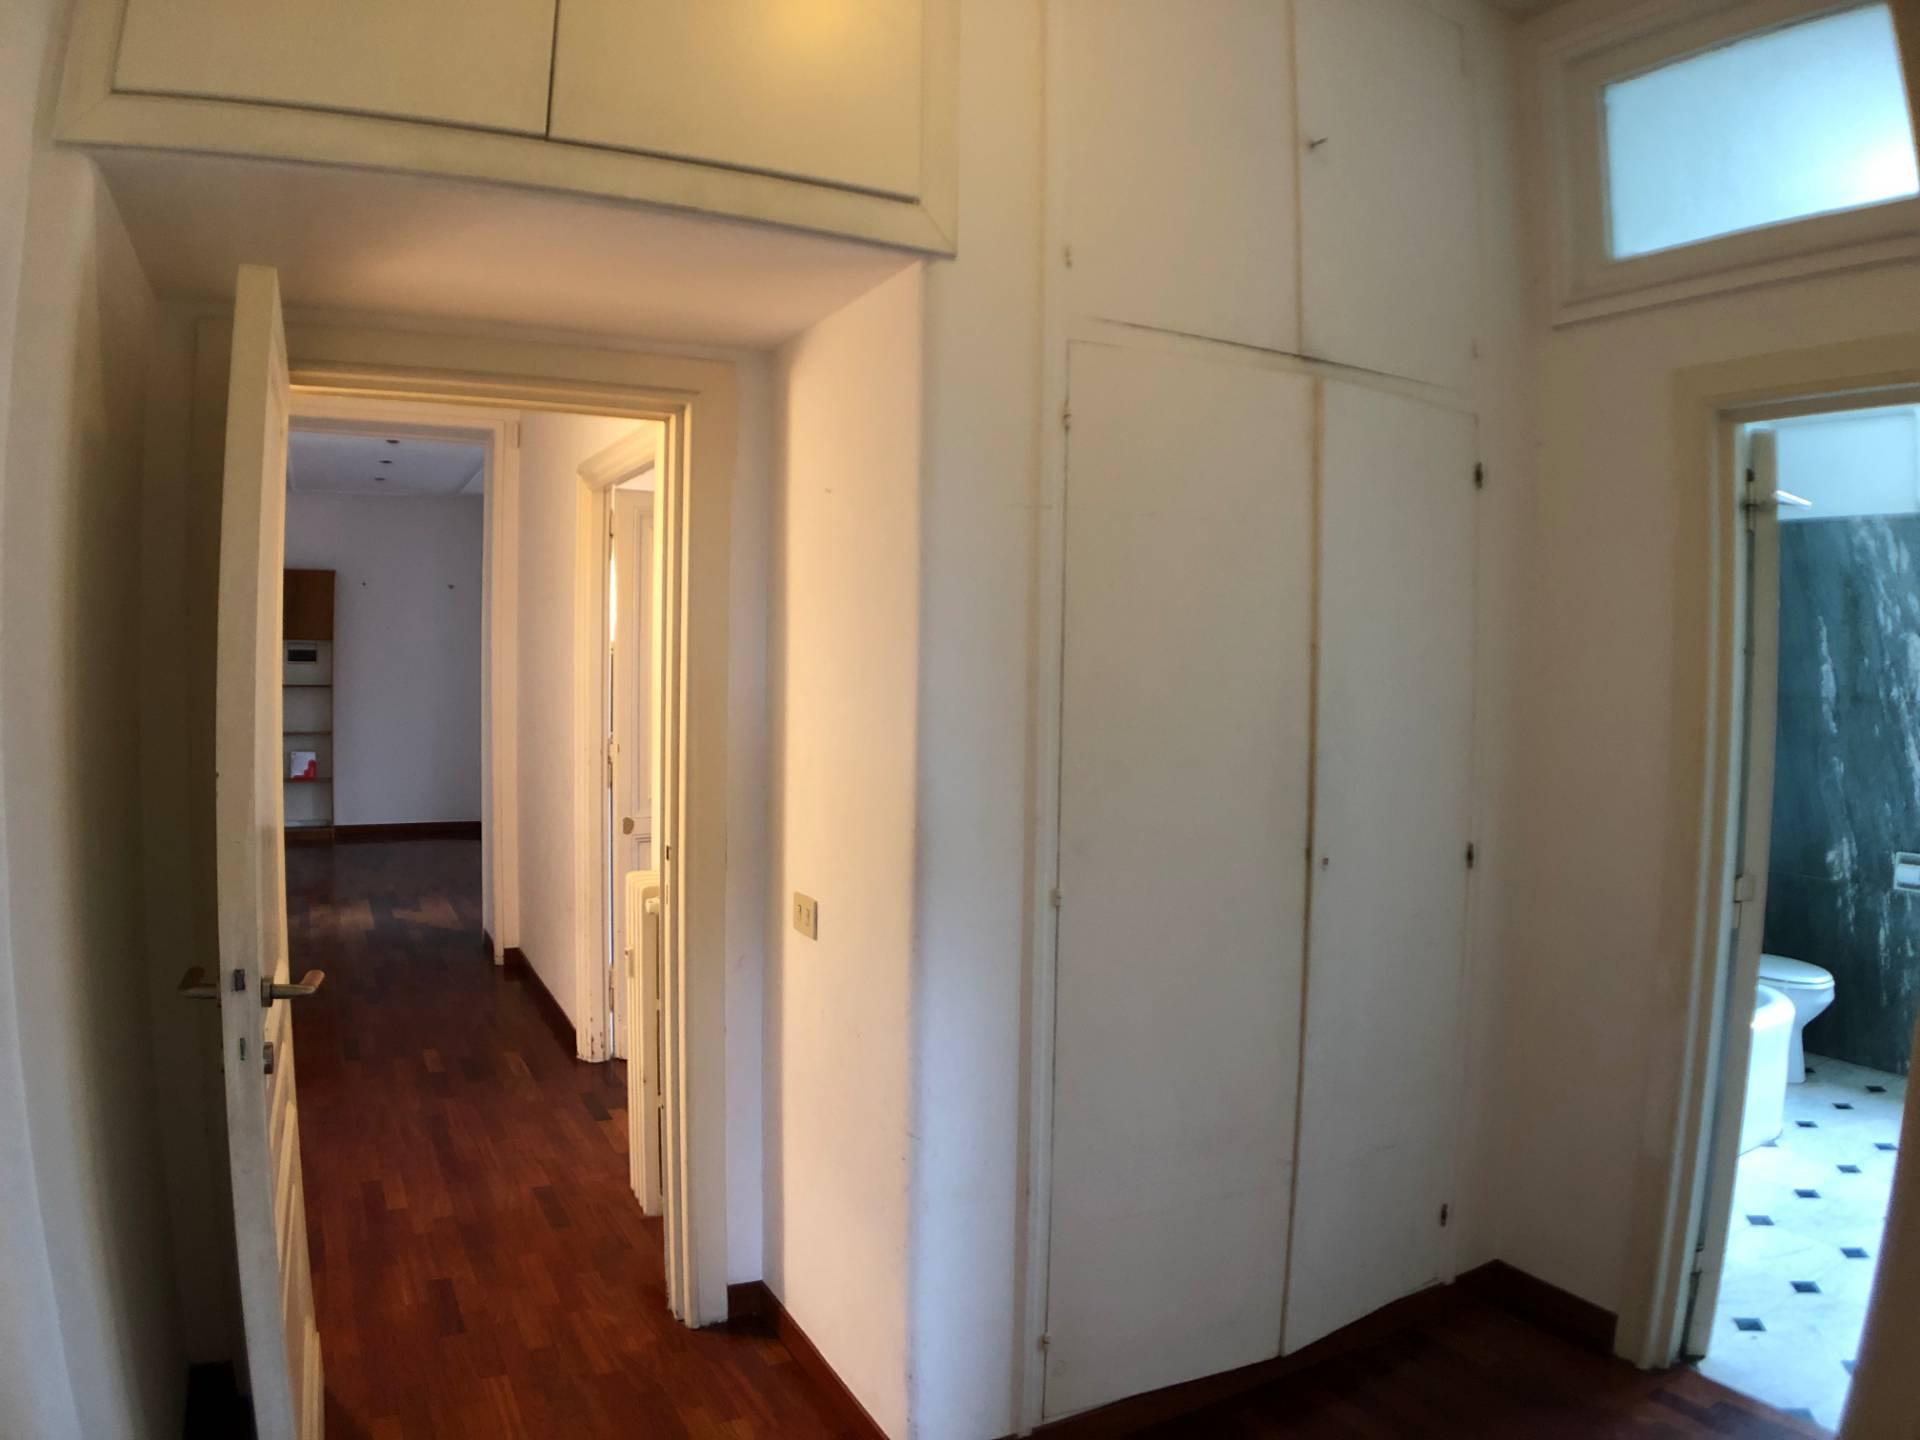 Appartamento di lusso in affitto a roma via nomentana for Affitto castello roma